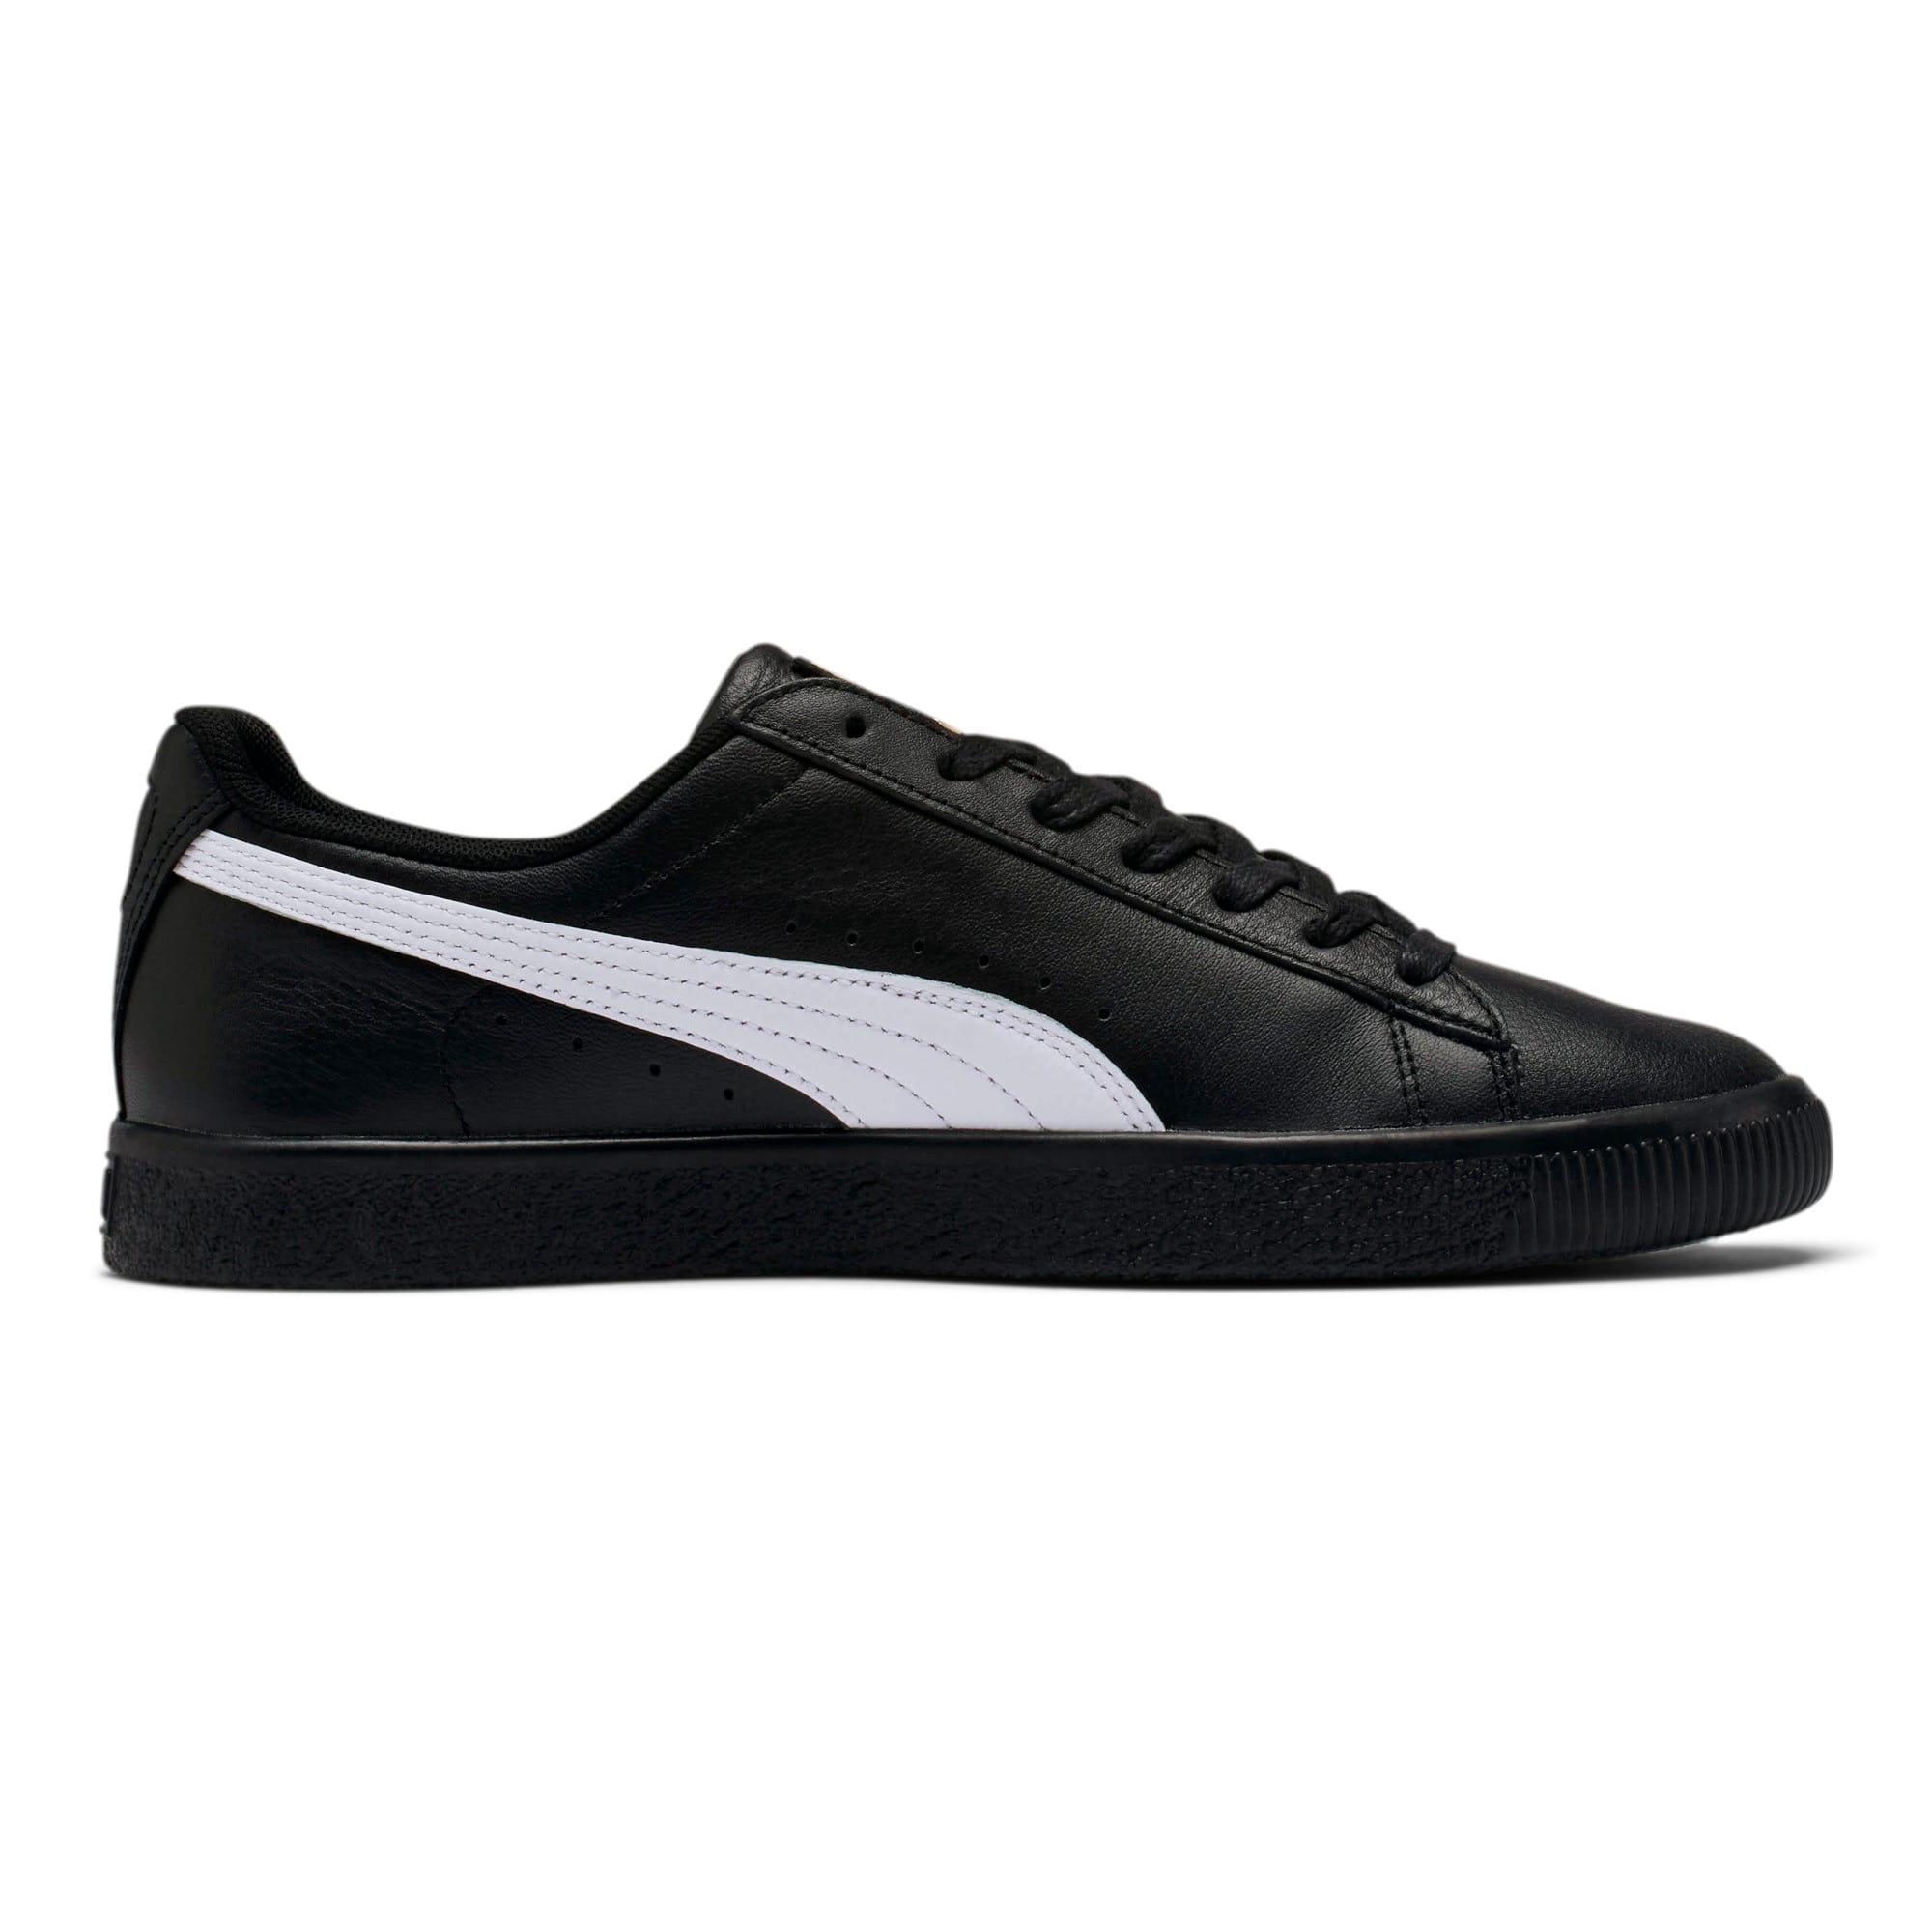 official photos 8853b 64a4a Clyde Core Foil Men's Sneakers